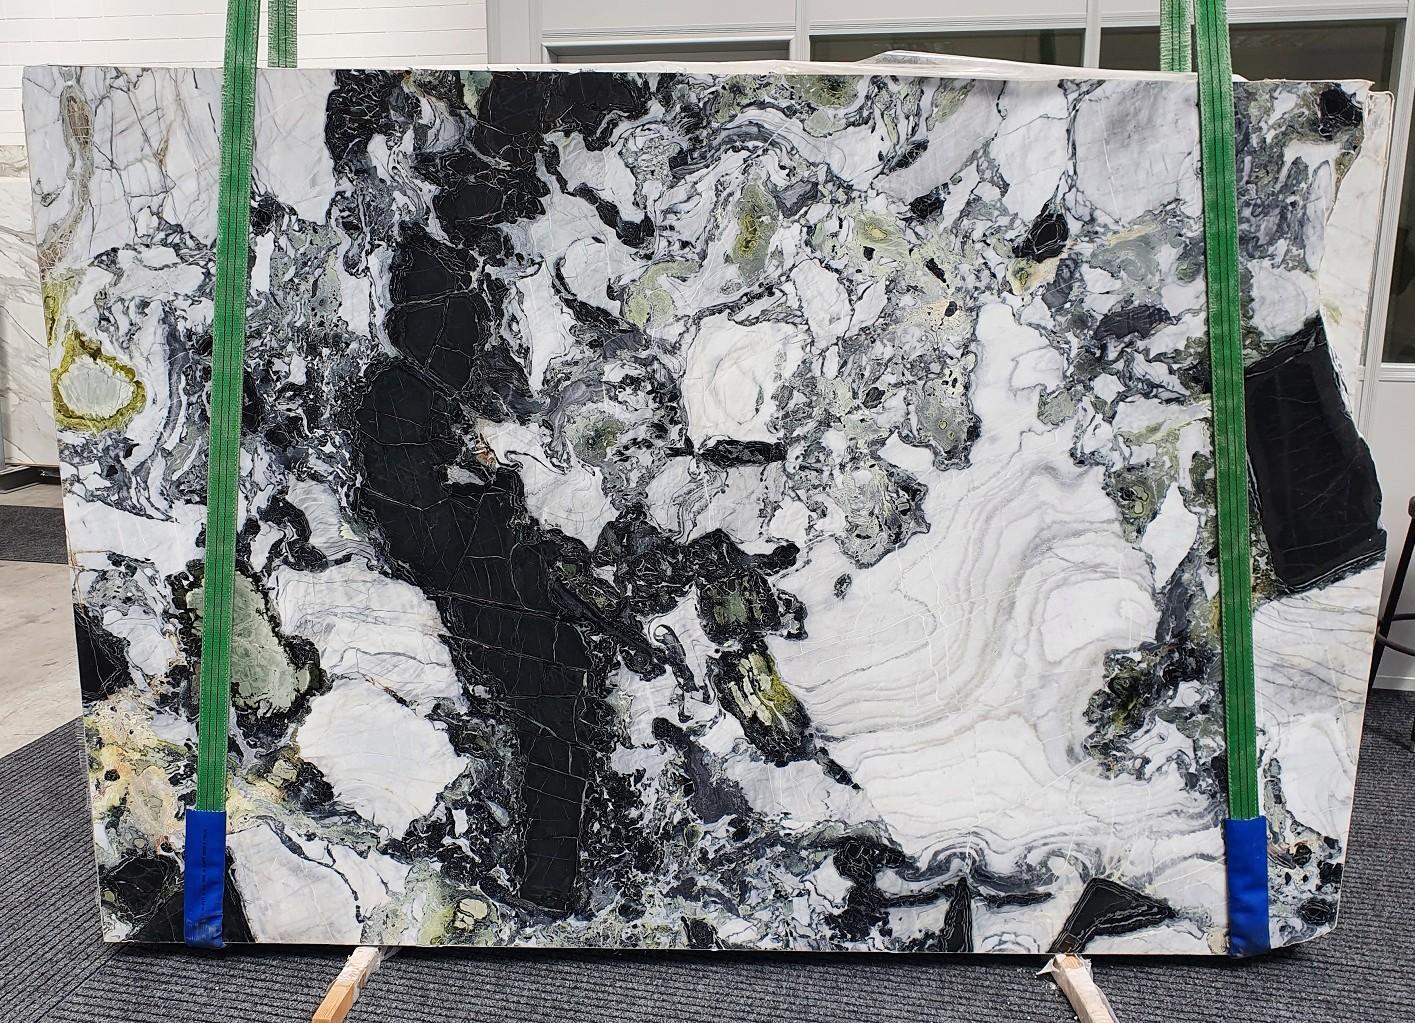 AMAZONIA Suministro Veneto (Italia) de planchas pulidas en mármol natural 1386 , Slab #71